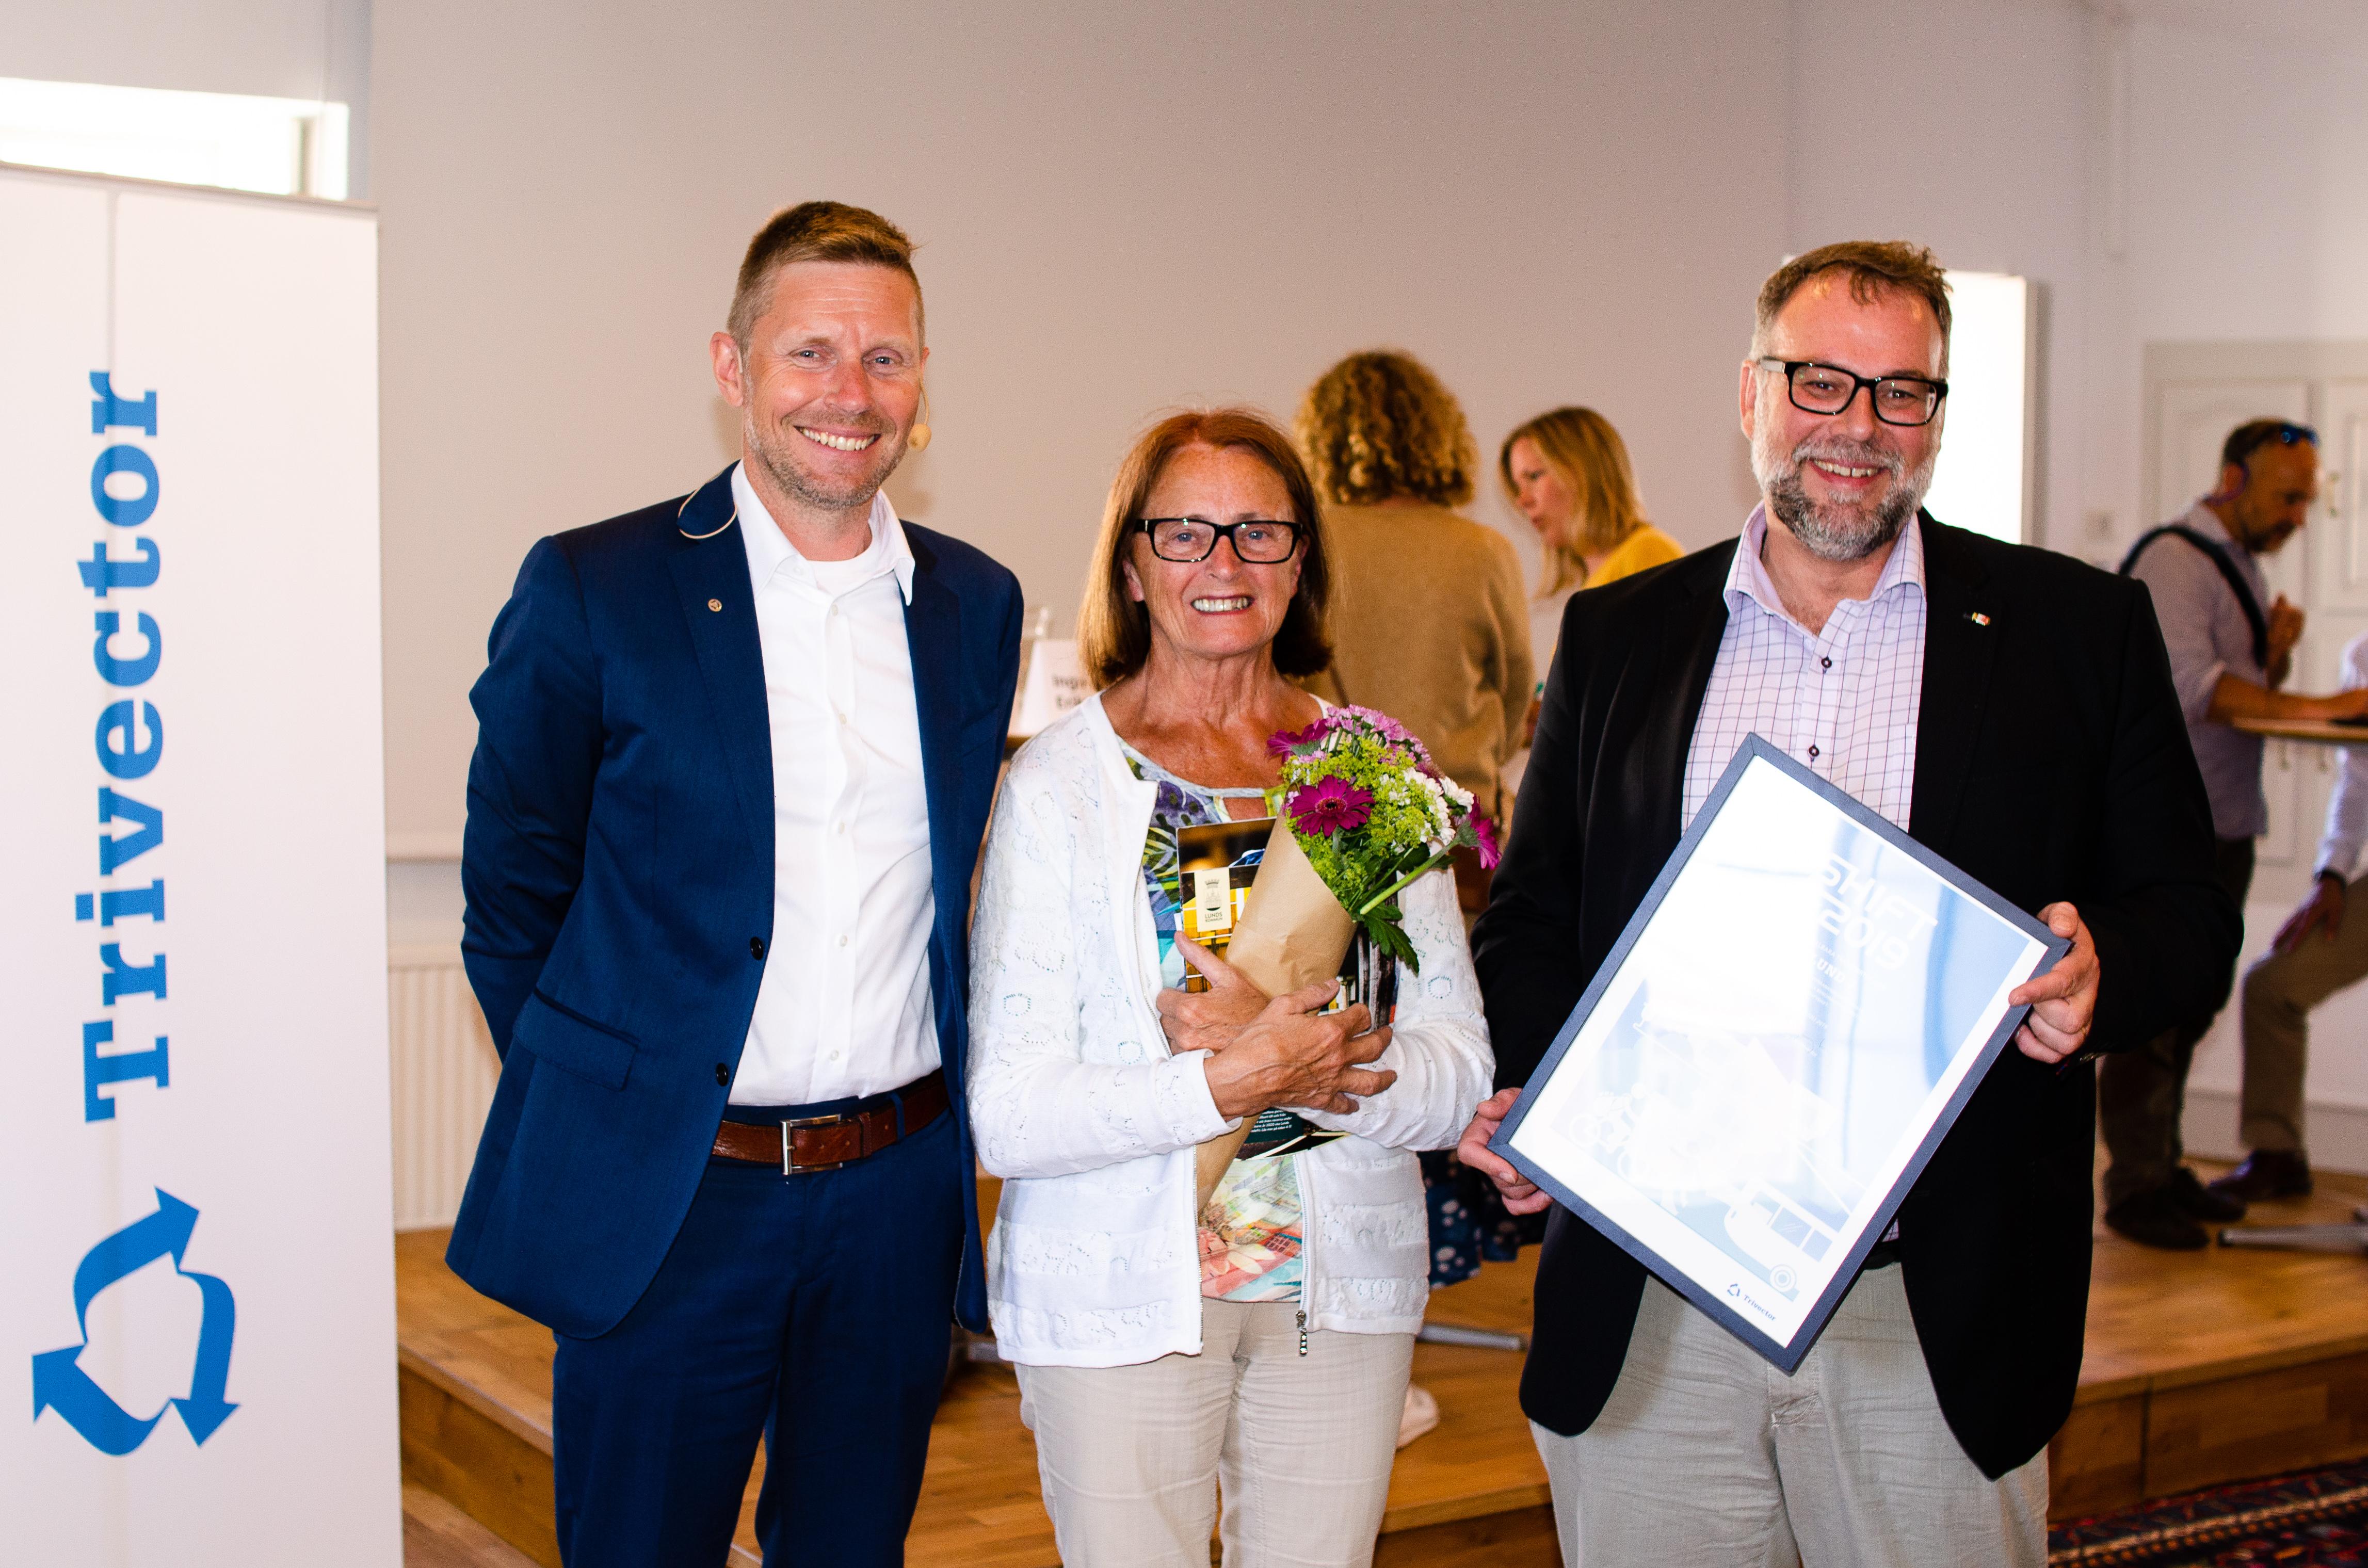 Inga-Kerstin Eriksson (C), kommunalråd och Christoffer Nilsson, kommundirektör tar emot SHIFT-priset under Almedalsveckan. Till vänster i bild är Lennart Persson, kontorschef Göteborg, Trivector.